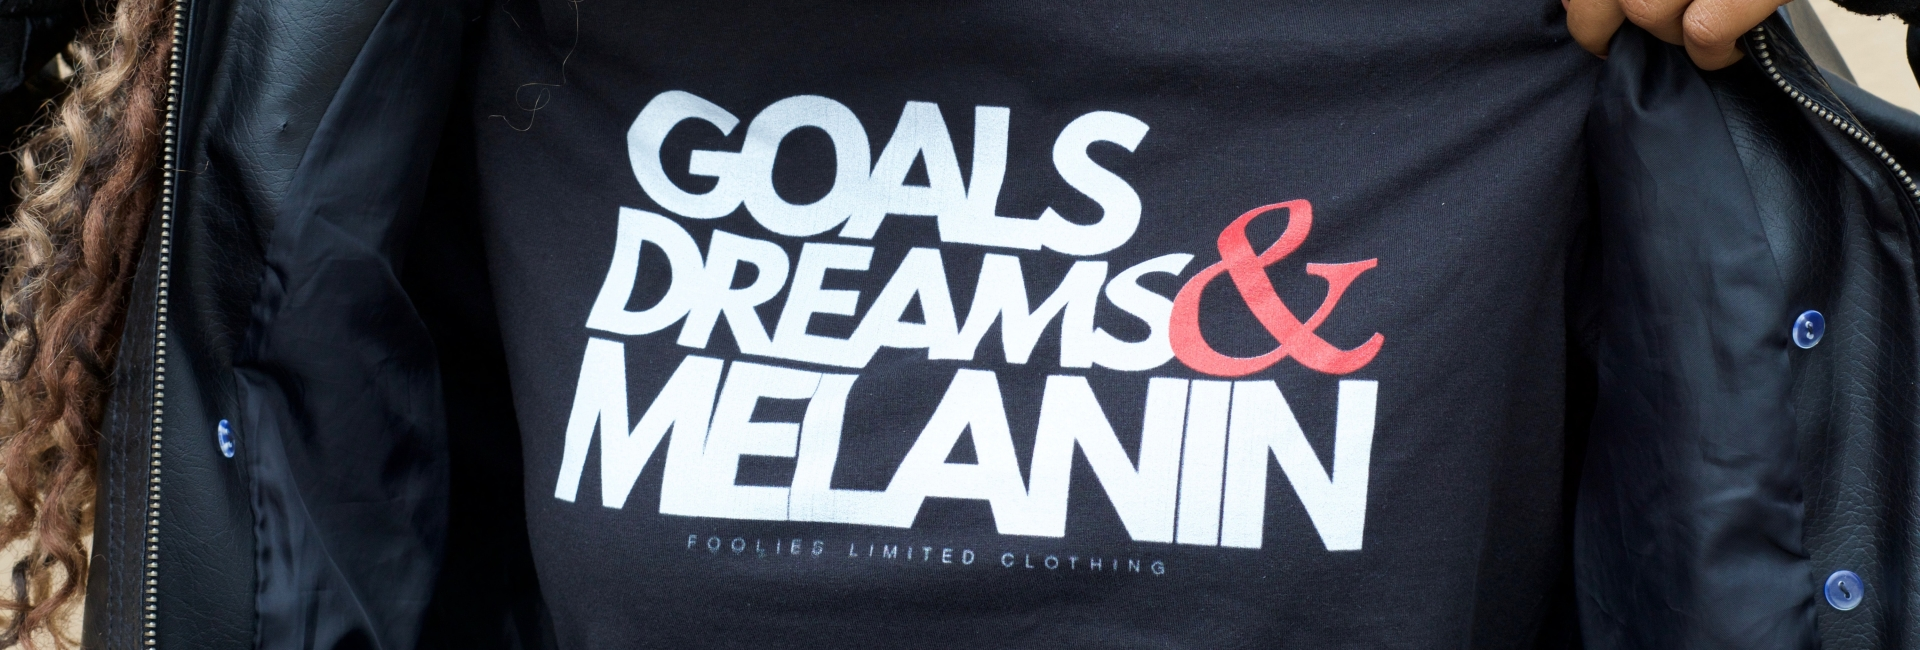 Goals, dreams, melanin